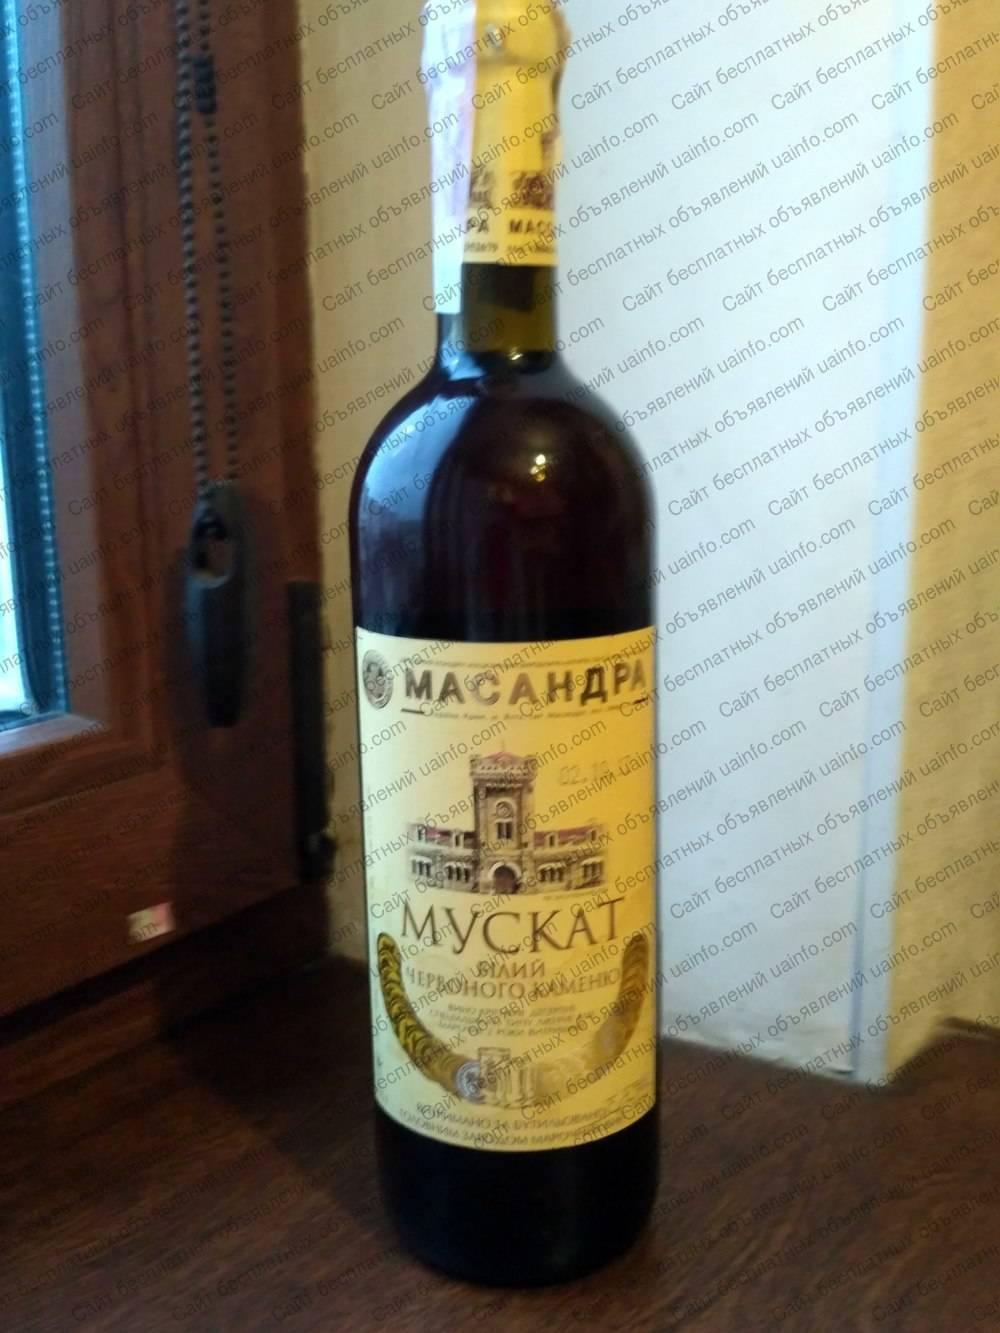 Знаменитый винодел крыма, соавтор 'муската белого красного камня' 1 сентября отметит 95-летний юбилей